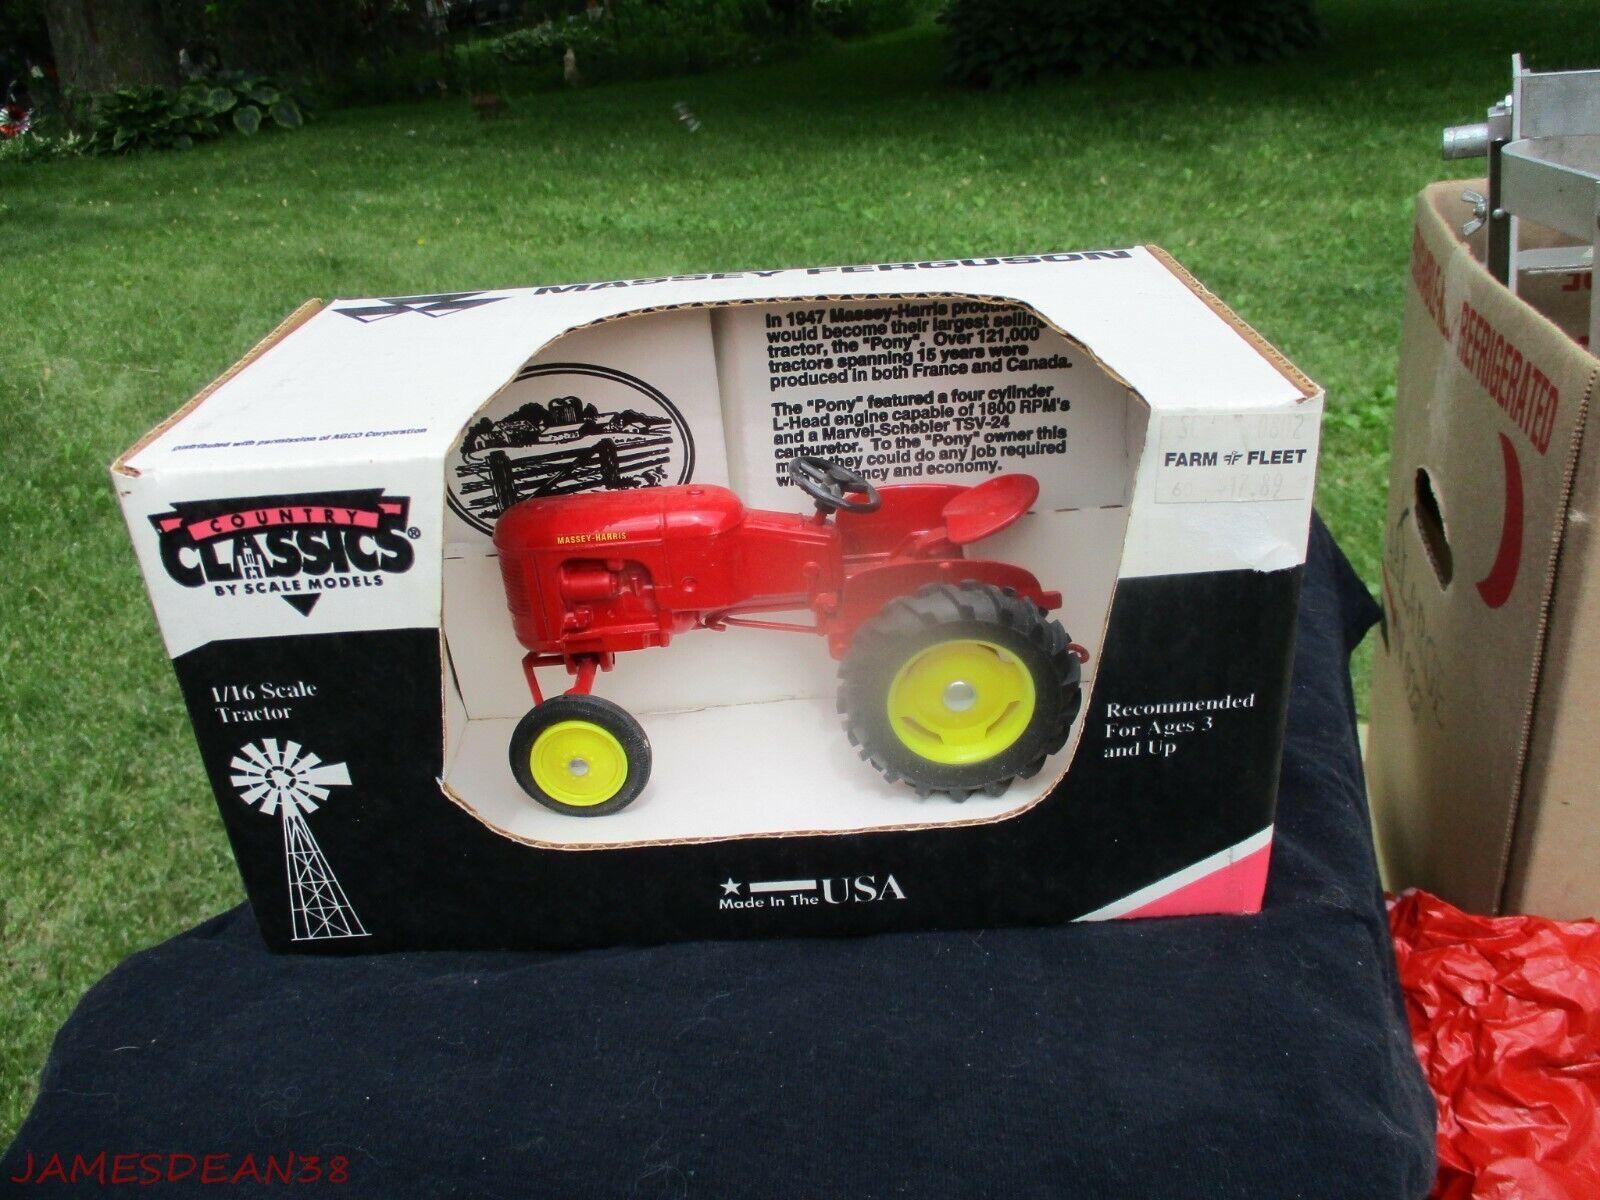 Land Classics 1947 Massey-Harris Pony Tractor Farm Toy 1 16 SCALmodeLLER ny